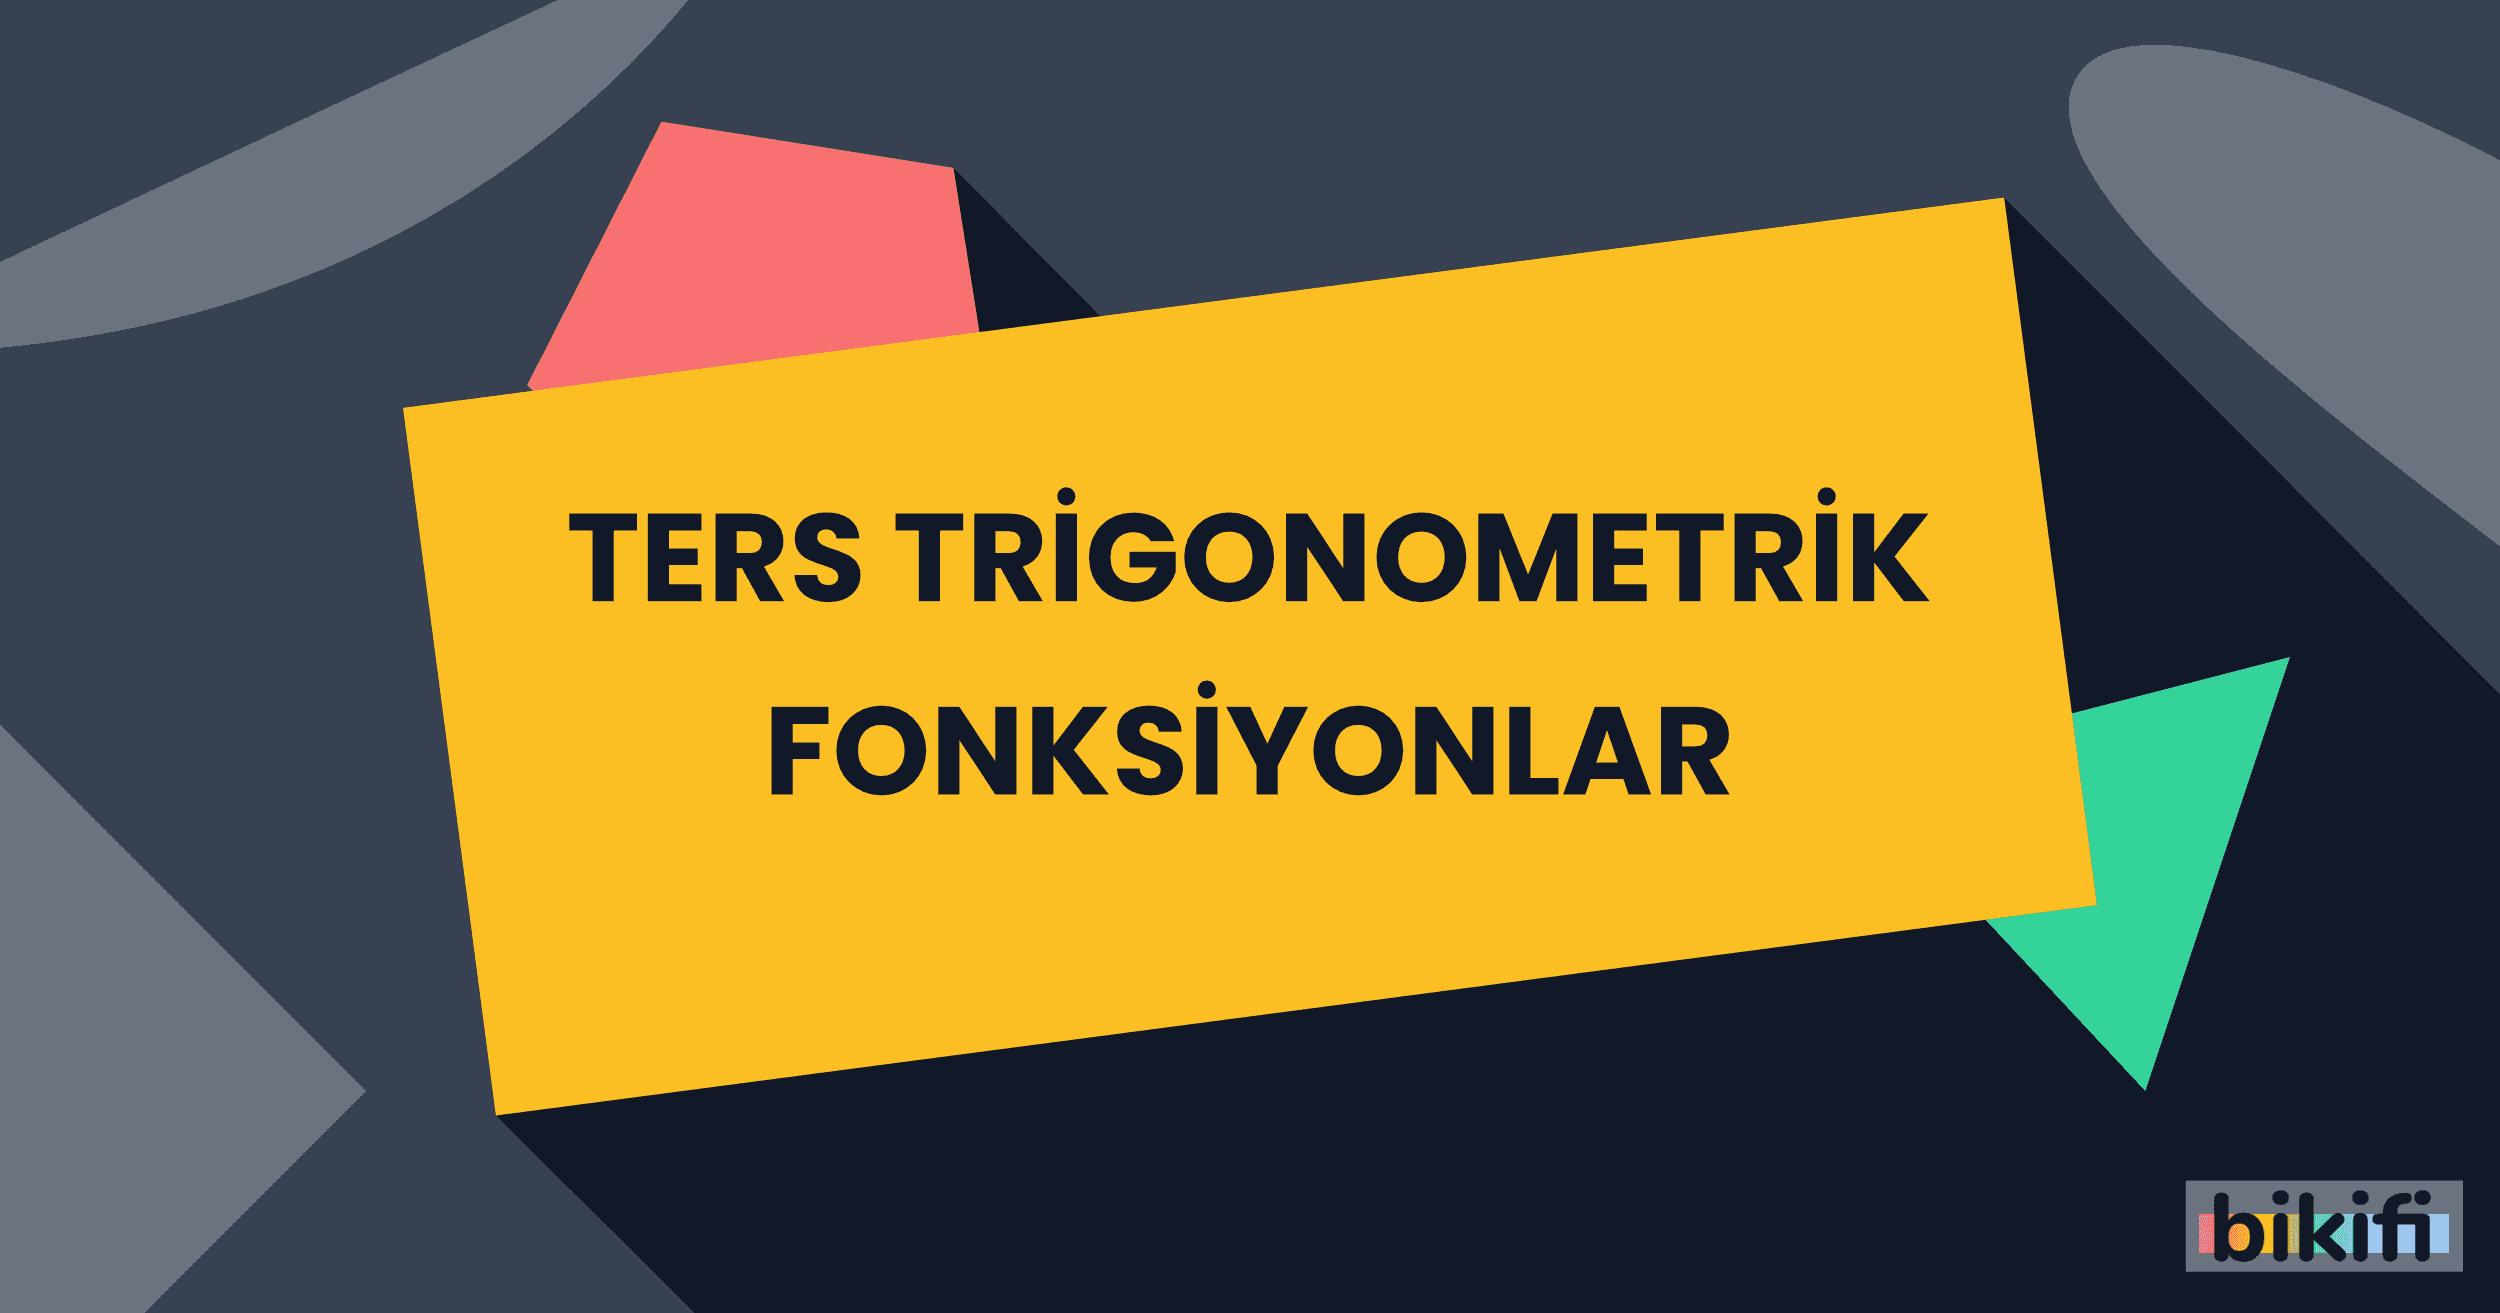 Ters Trigonometrik Fonksiyonlar